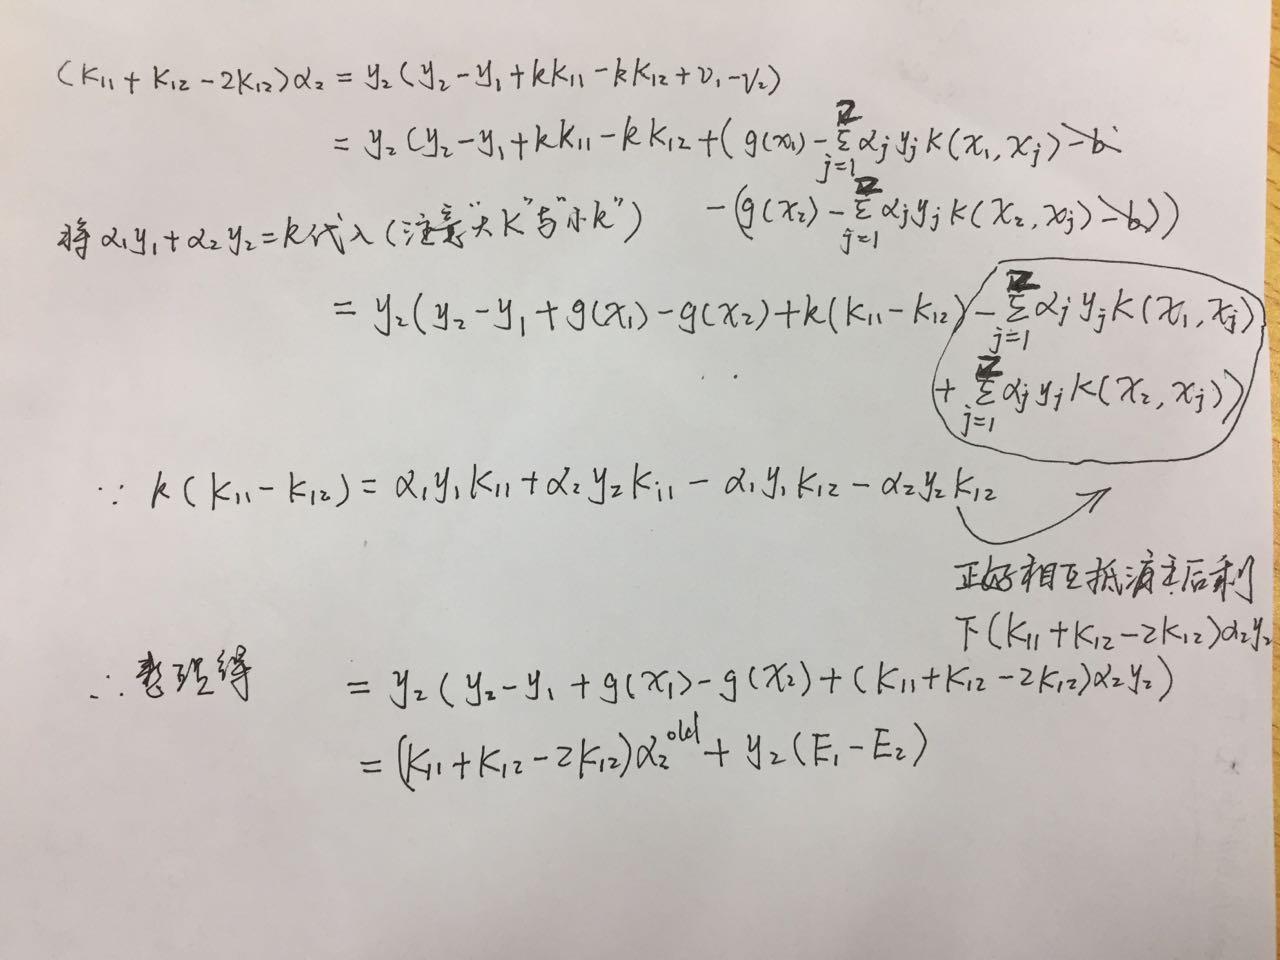 公式(10)的化简,结论相当漂亮!